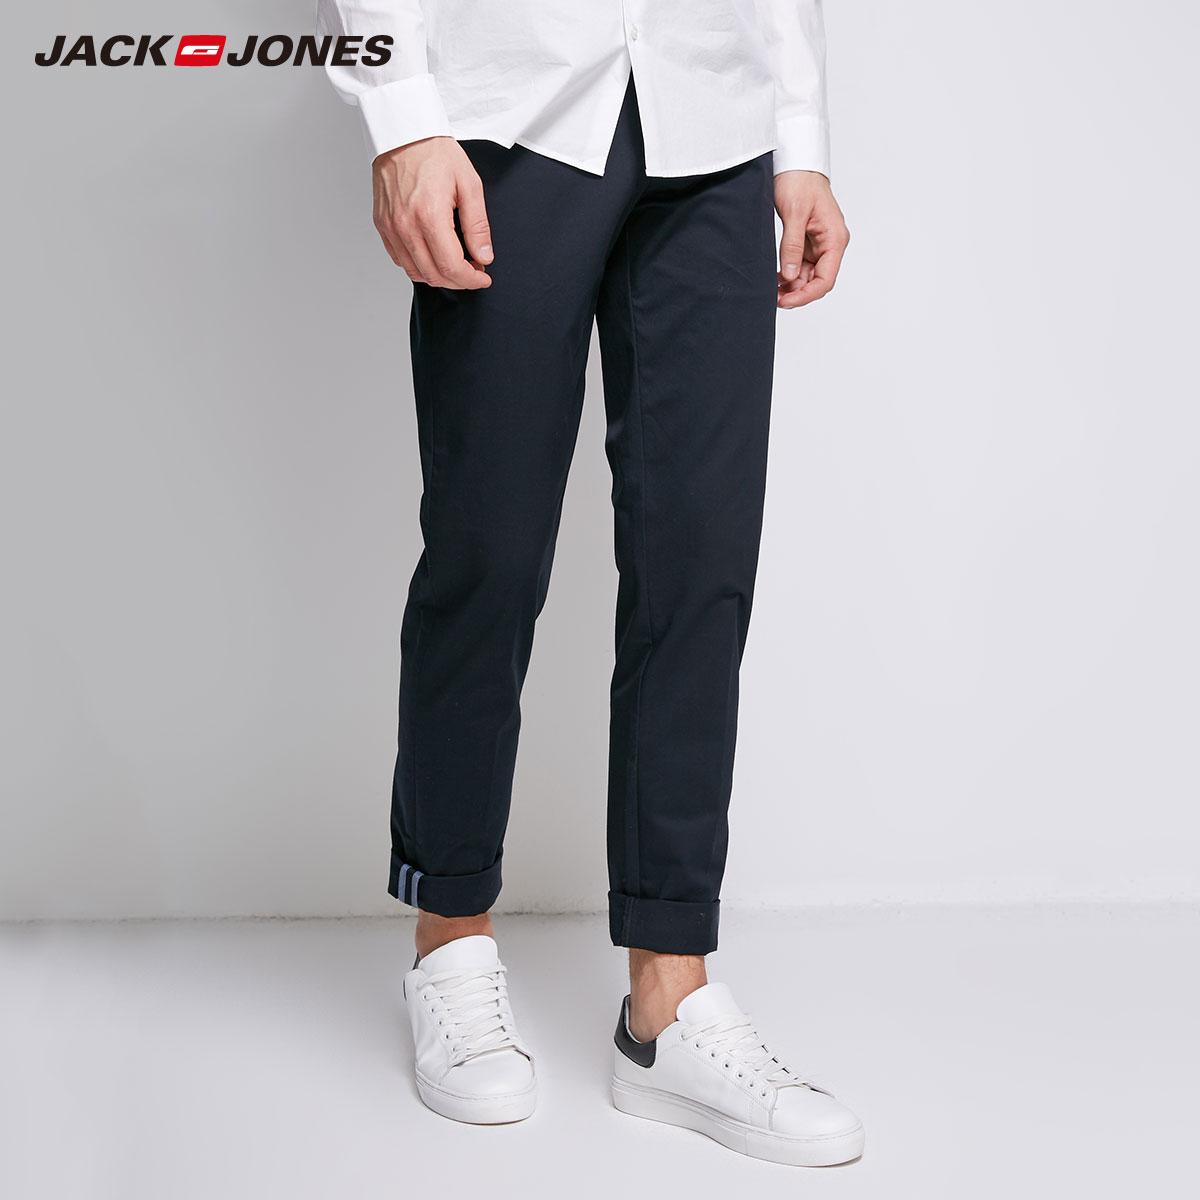 JackJones для мужчин из лайкры и хлопка эластичные ткань комфорт дышащий бизнес Smart повседневные штаны Slim Fit мотобрюки swear | 218314502